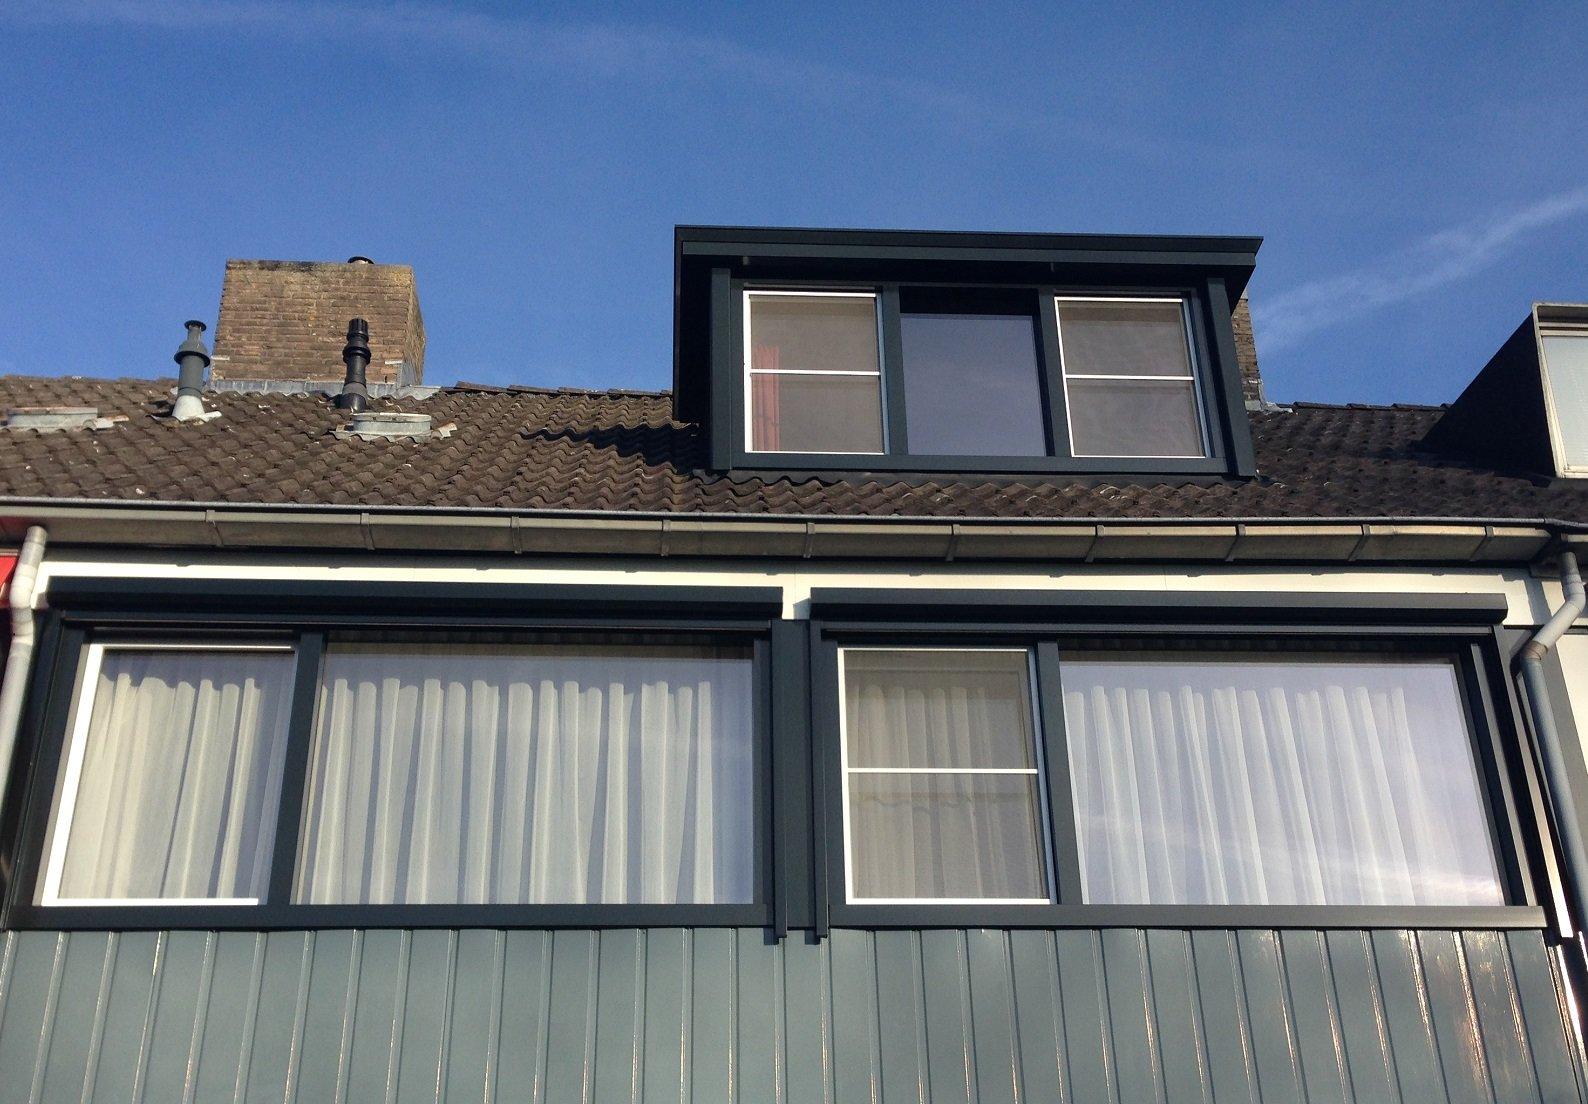 Knipping Timeless kozijnen, schuurdeur, achterdeur en dakkapel gemonteerd te Bunnik.